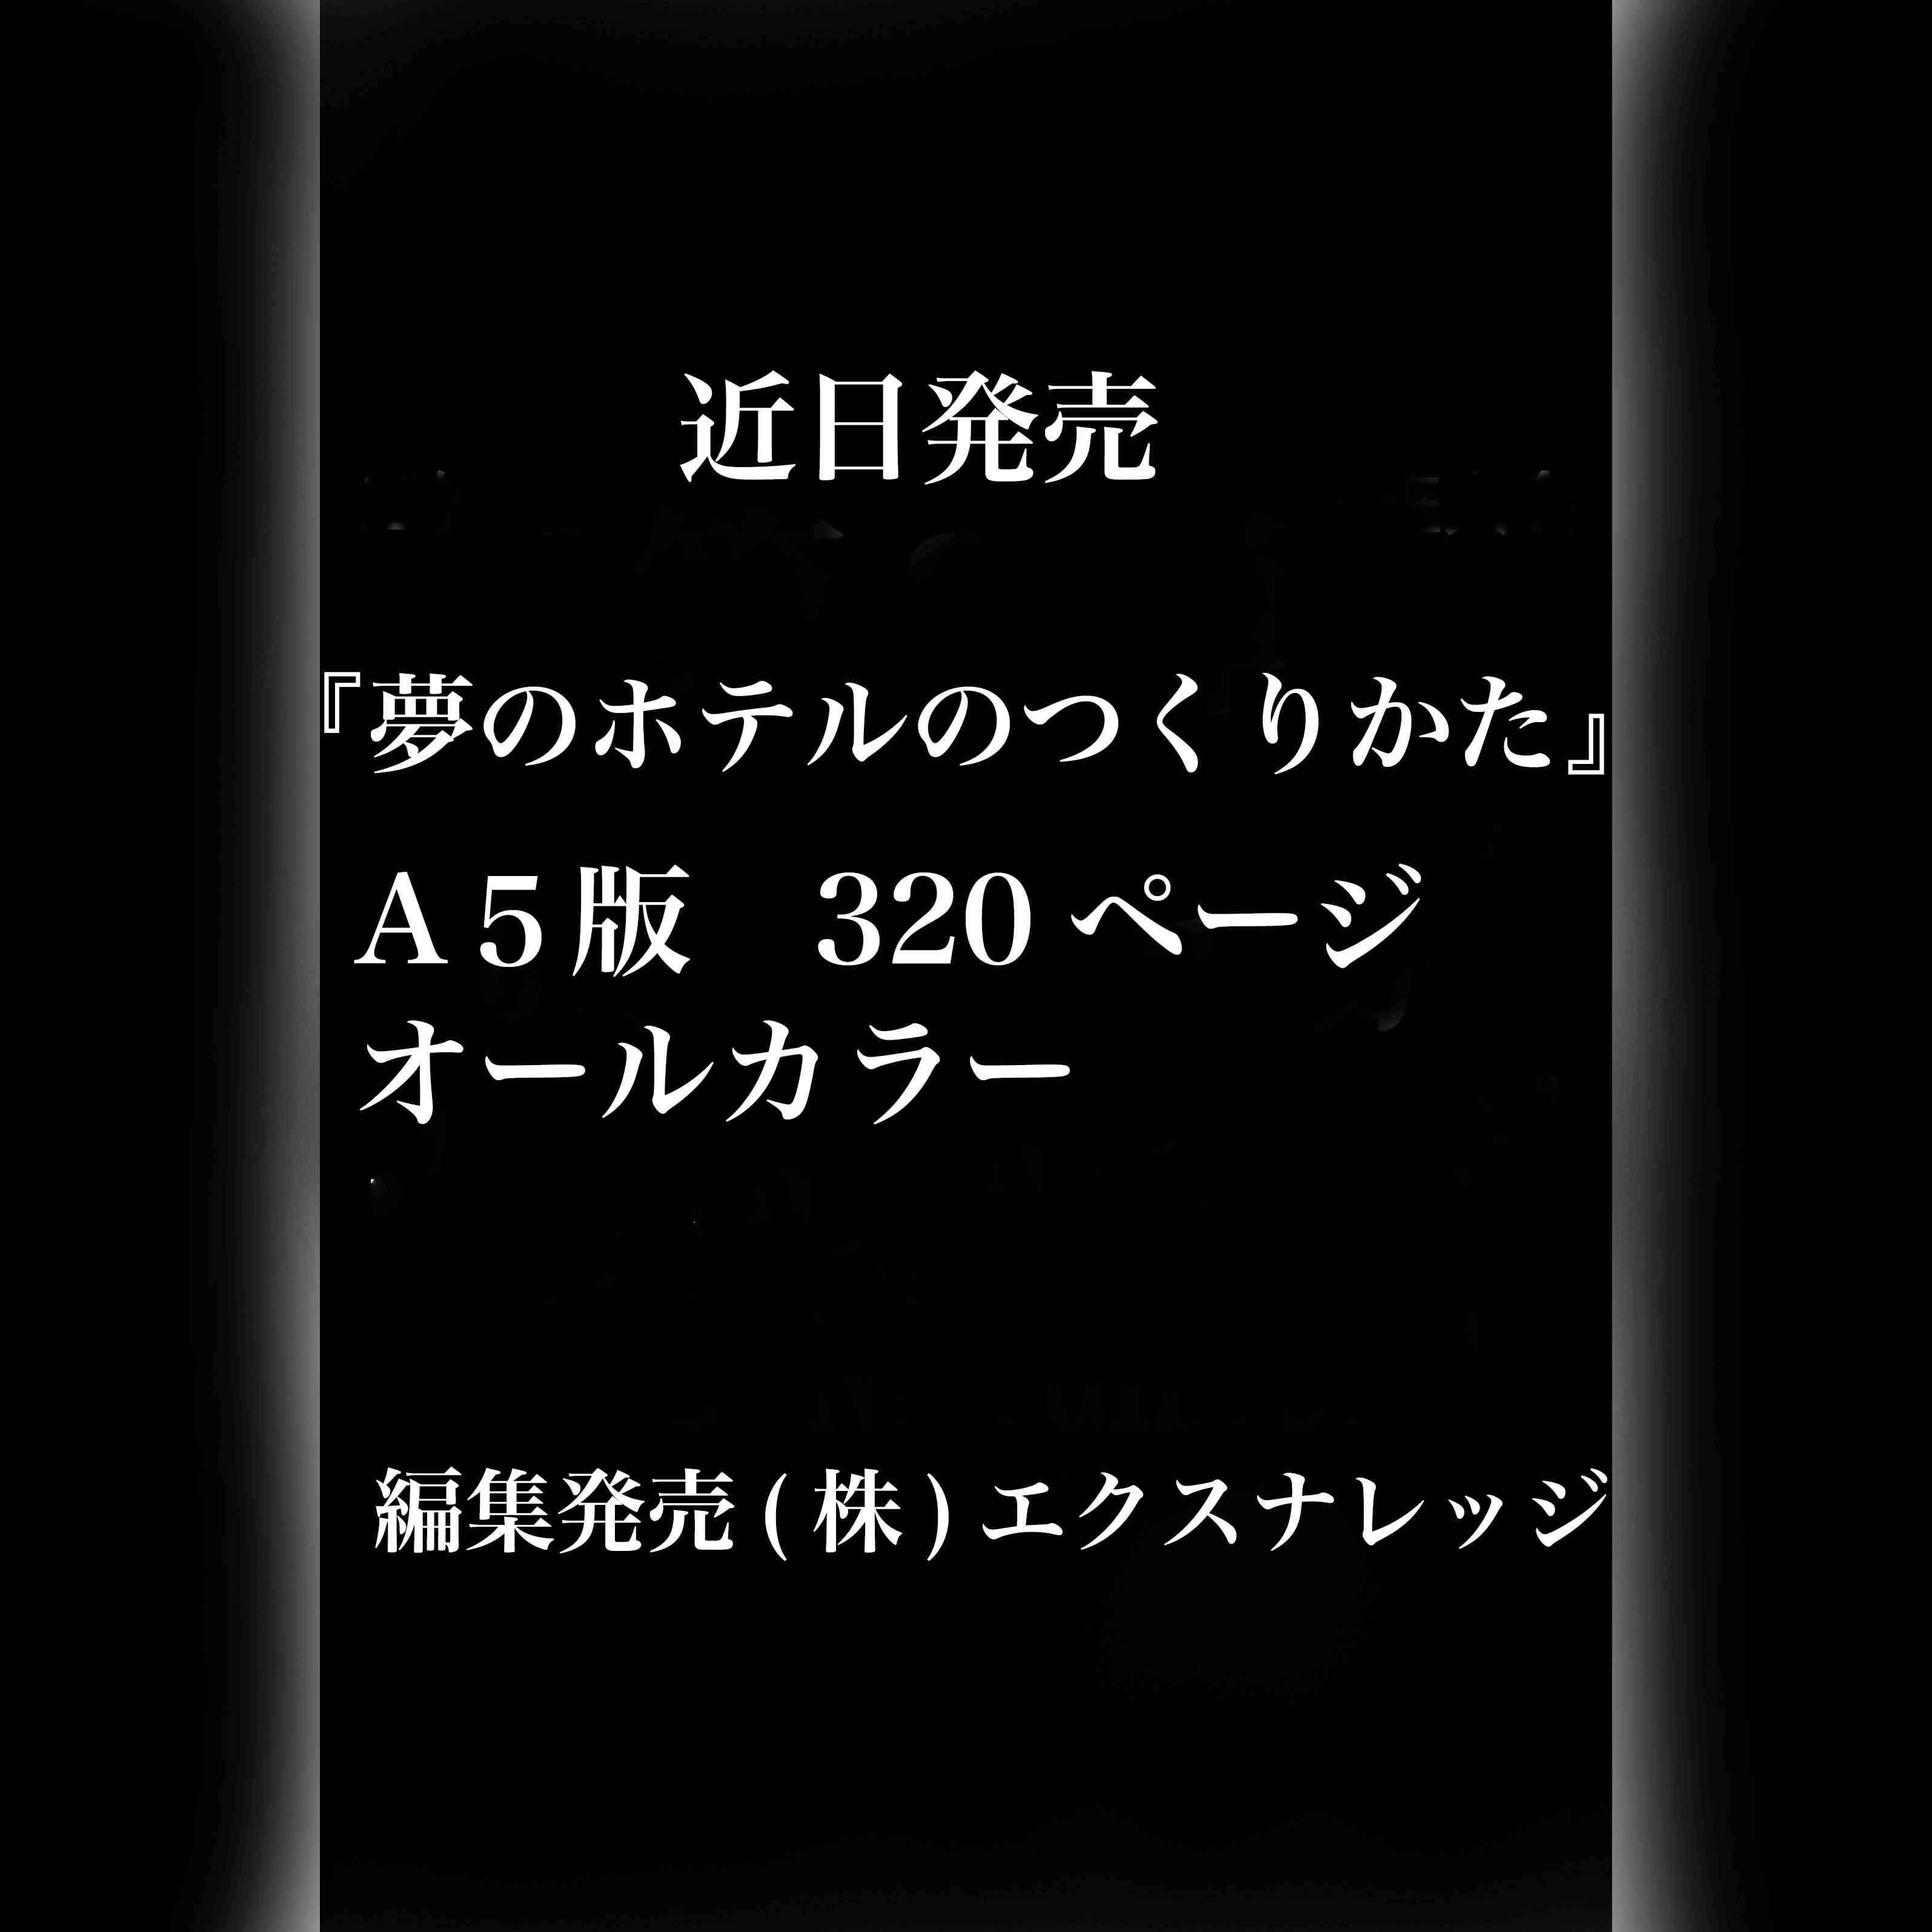 概要_edited-1